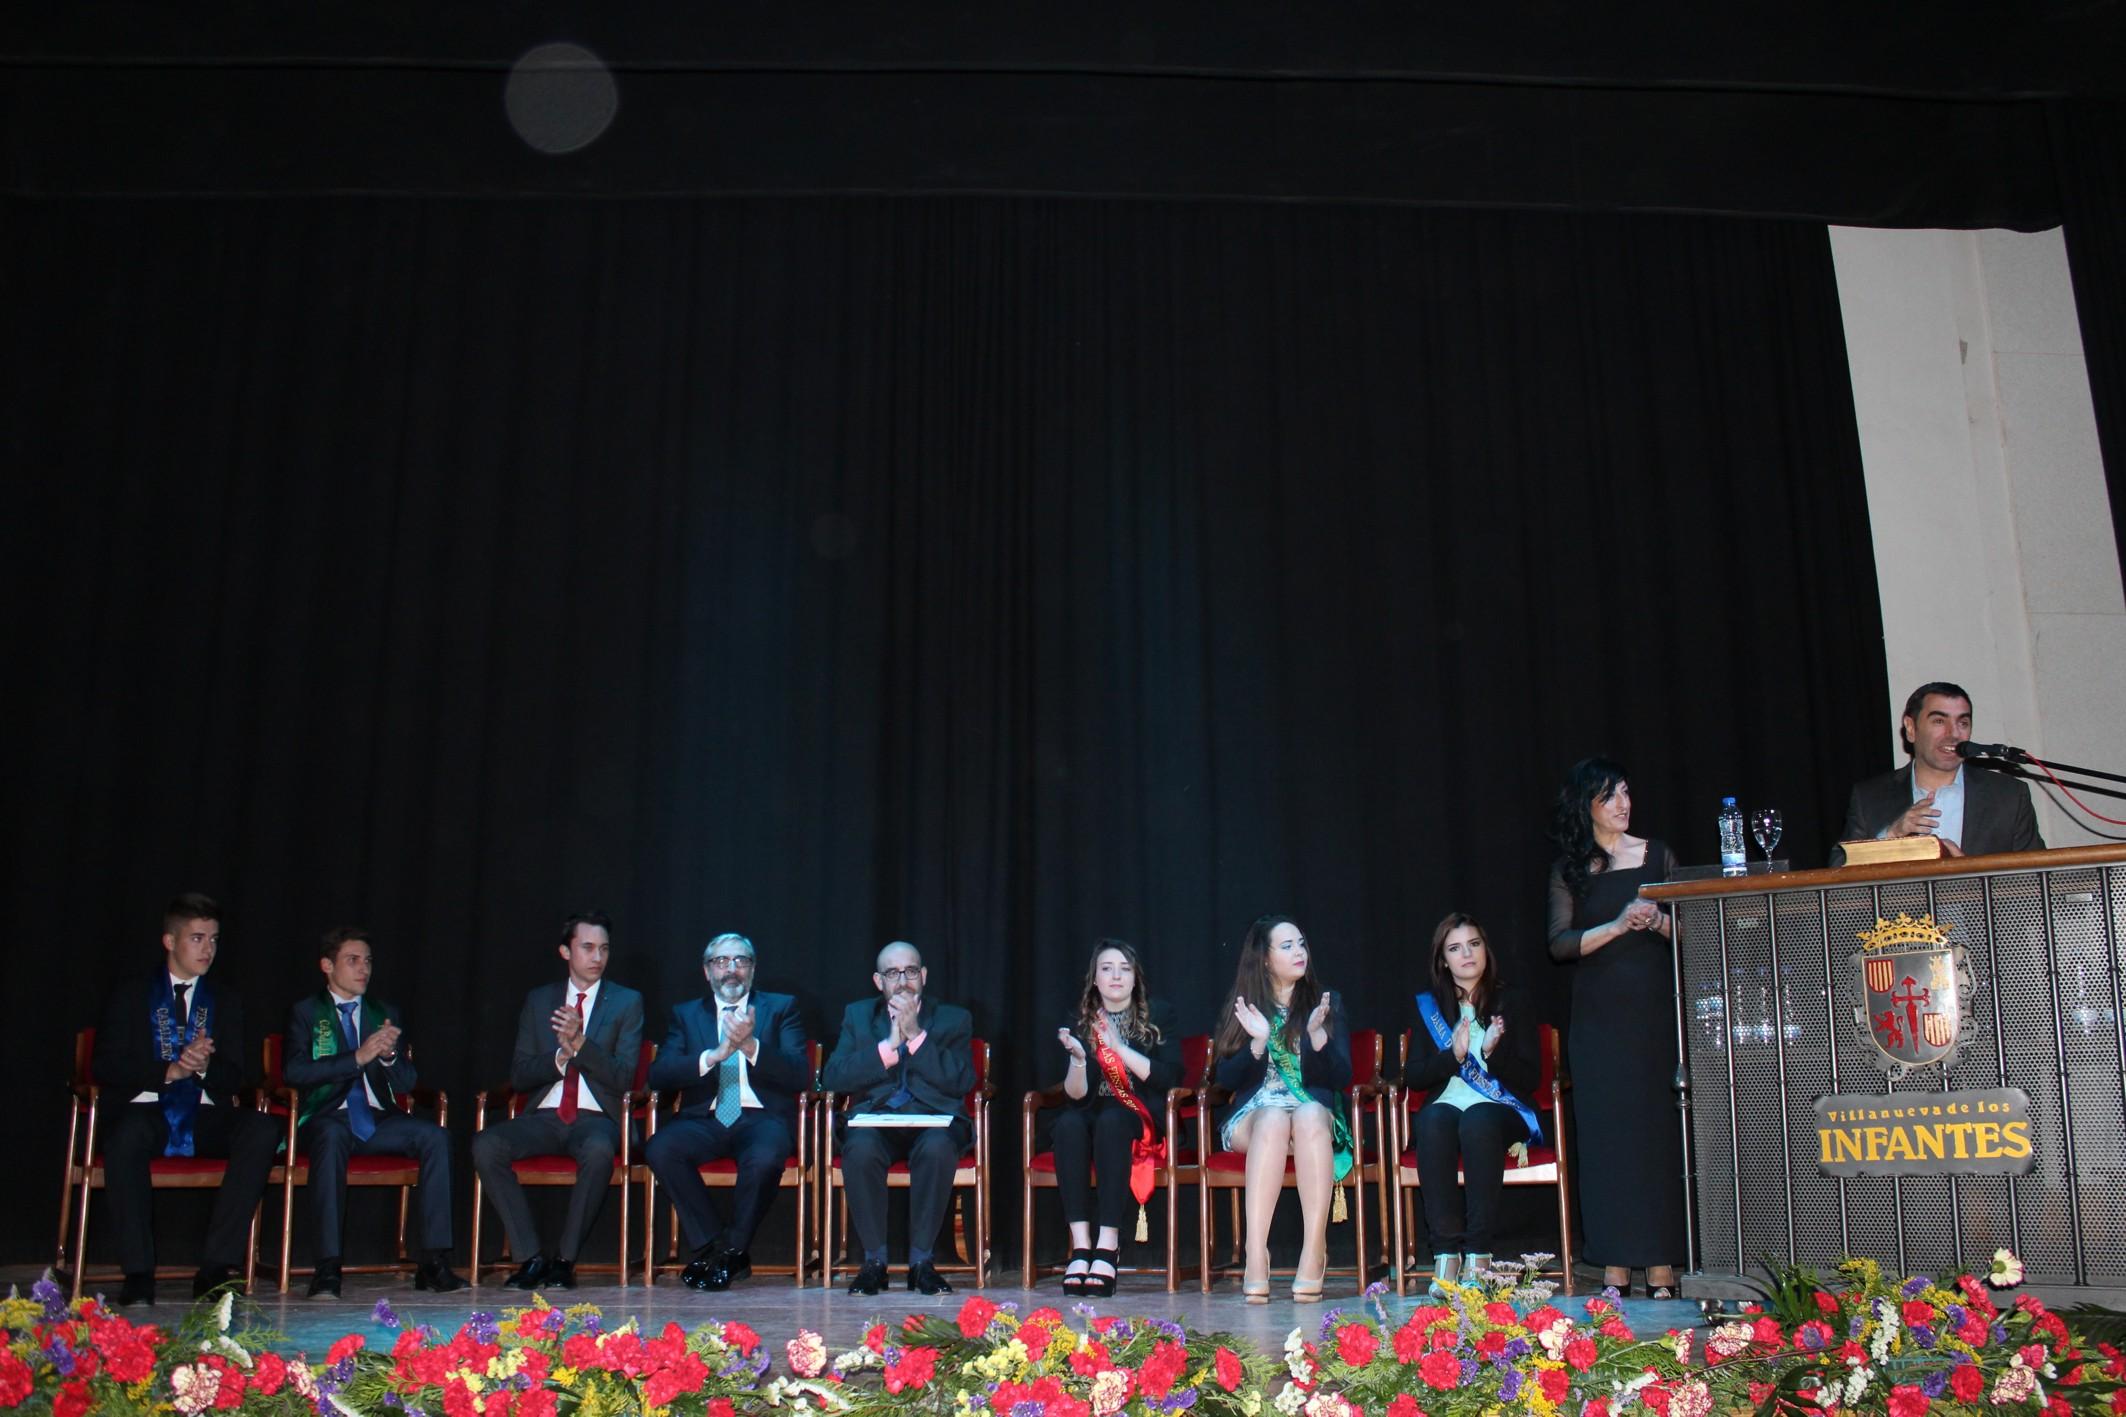 """El día 1 de mayo se inauguraban oficialmente las """"Cruces y Mayos 2016"""" de la ciudad de Villanueva de los Infantes con un singular pregón cargado de matices y emociones"""